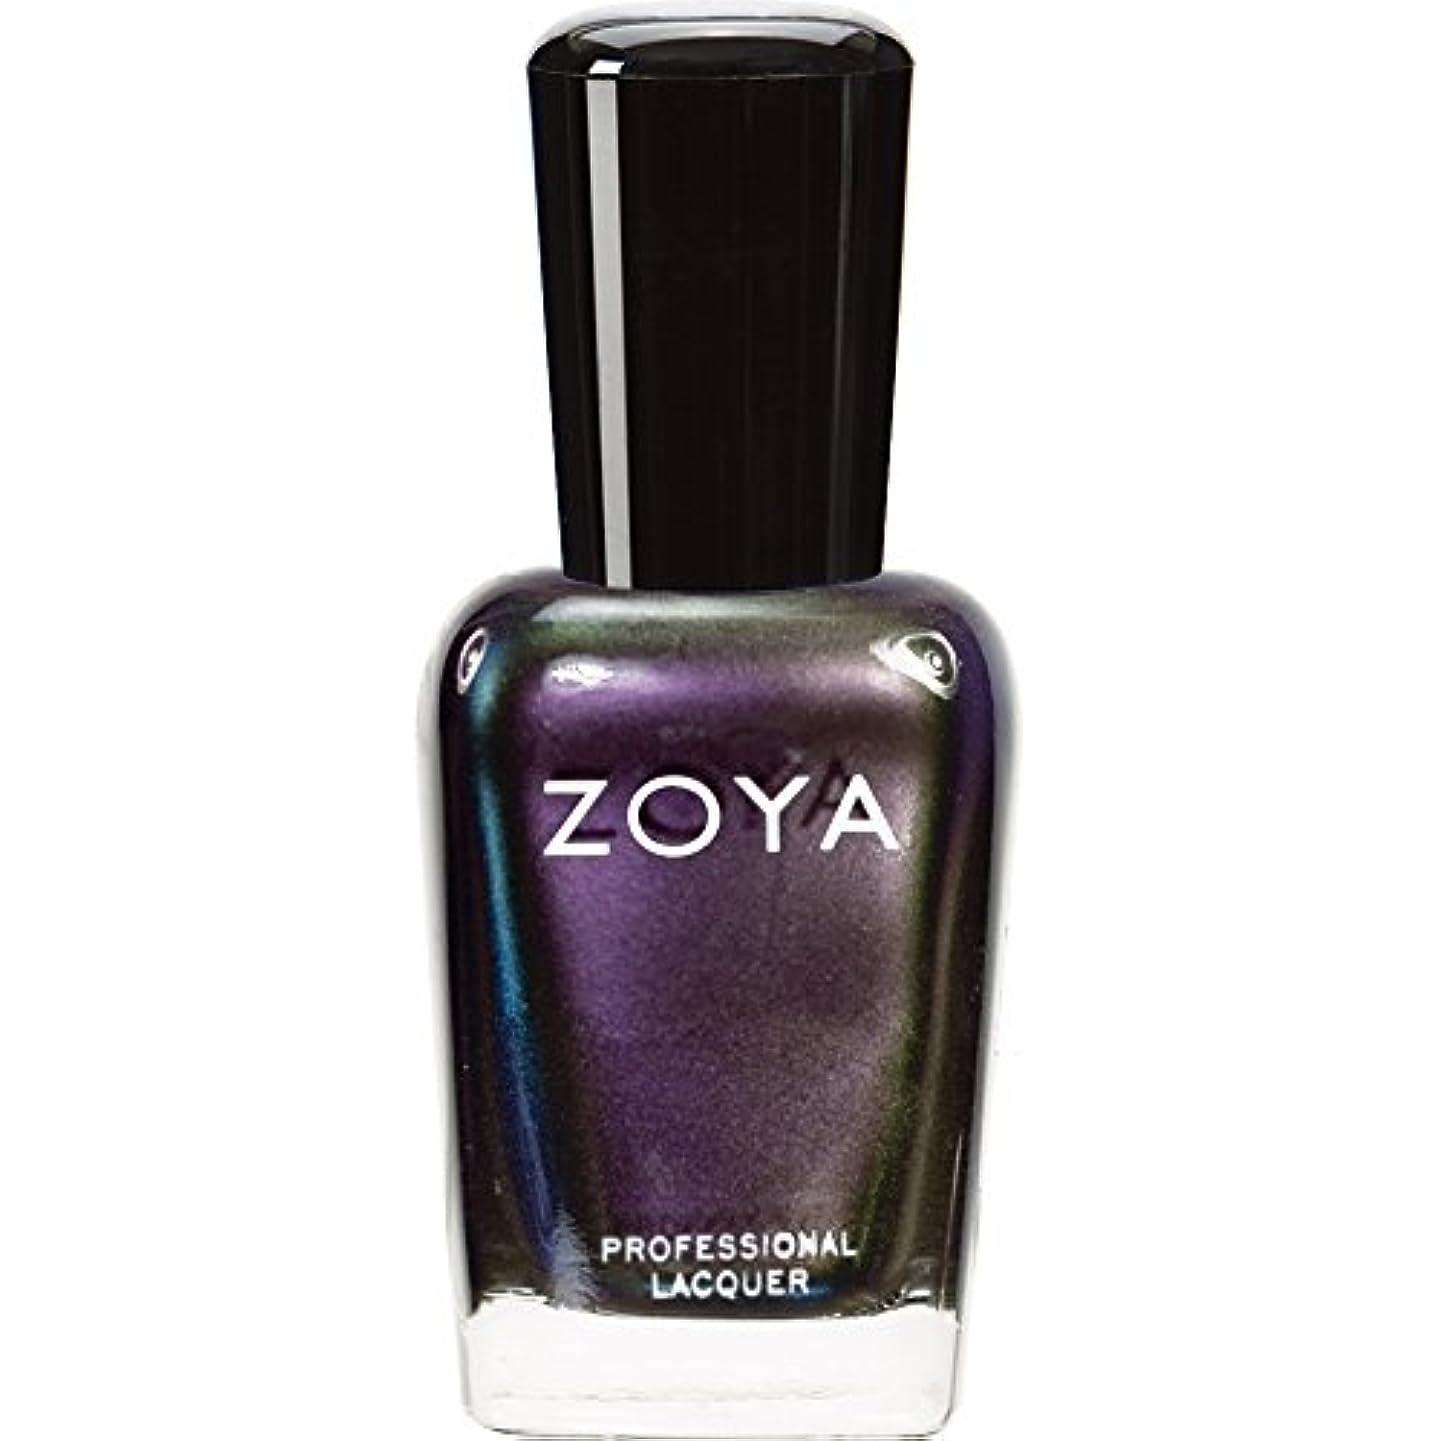 再集計補充うまくいけばZOYA ゾーヤ ネイルカラー ZP283 KI キ 15ml 銀、青、緑に光る神秘的なパープル パール/メタリック 爪にやさしいネイルラッカーポリッシュ